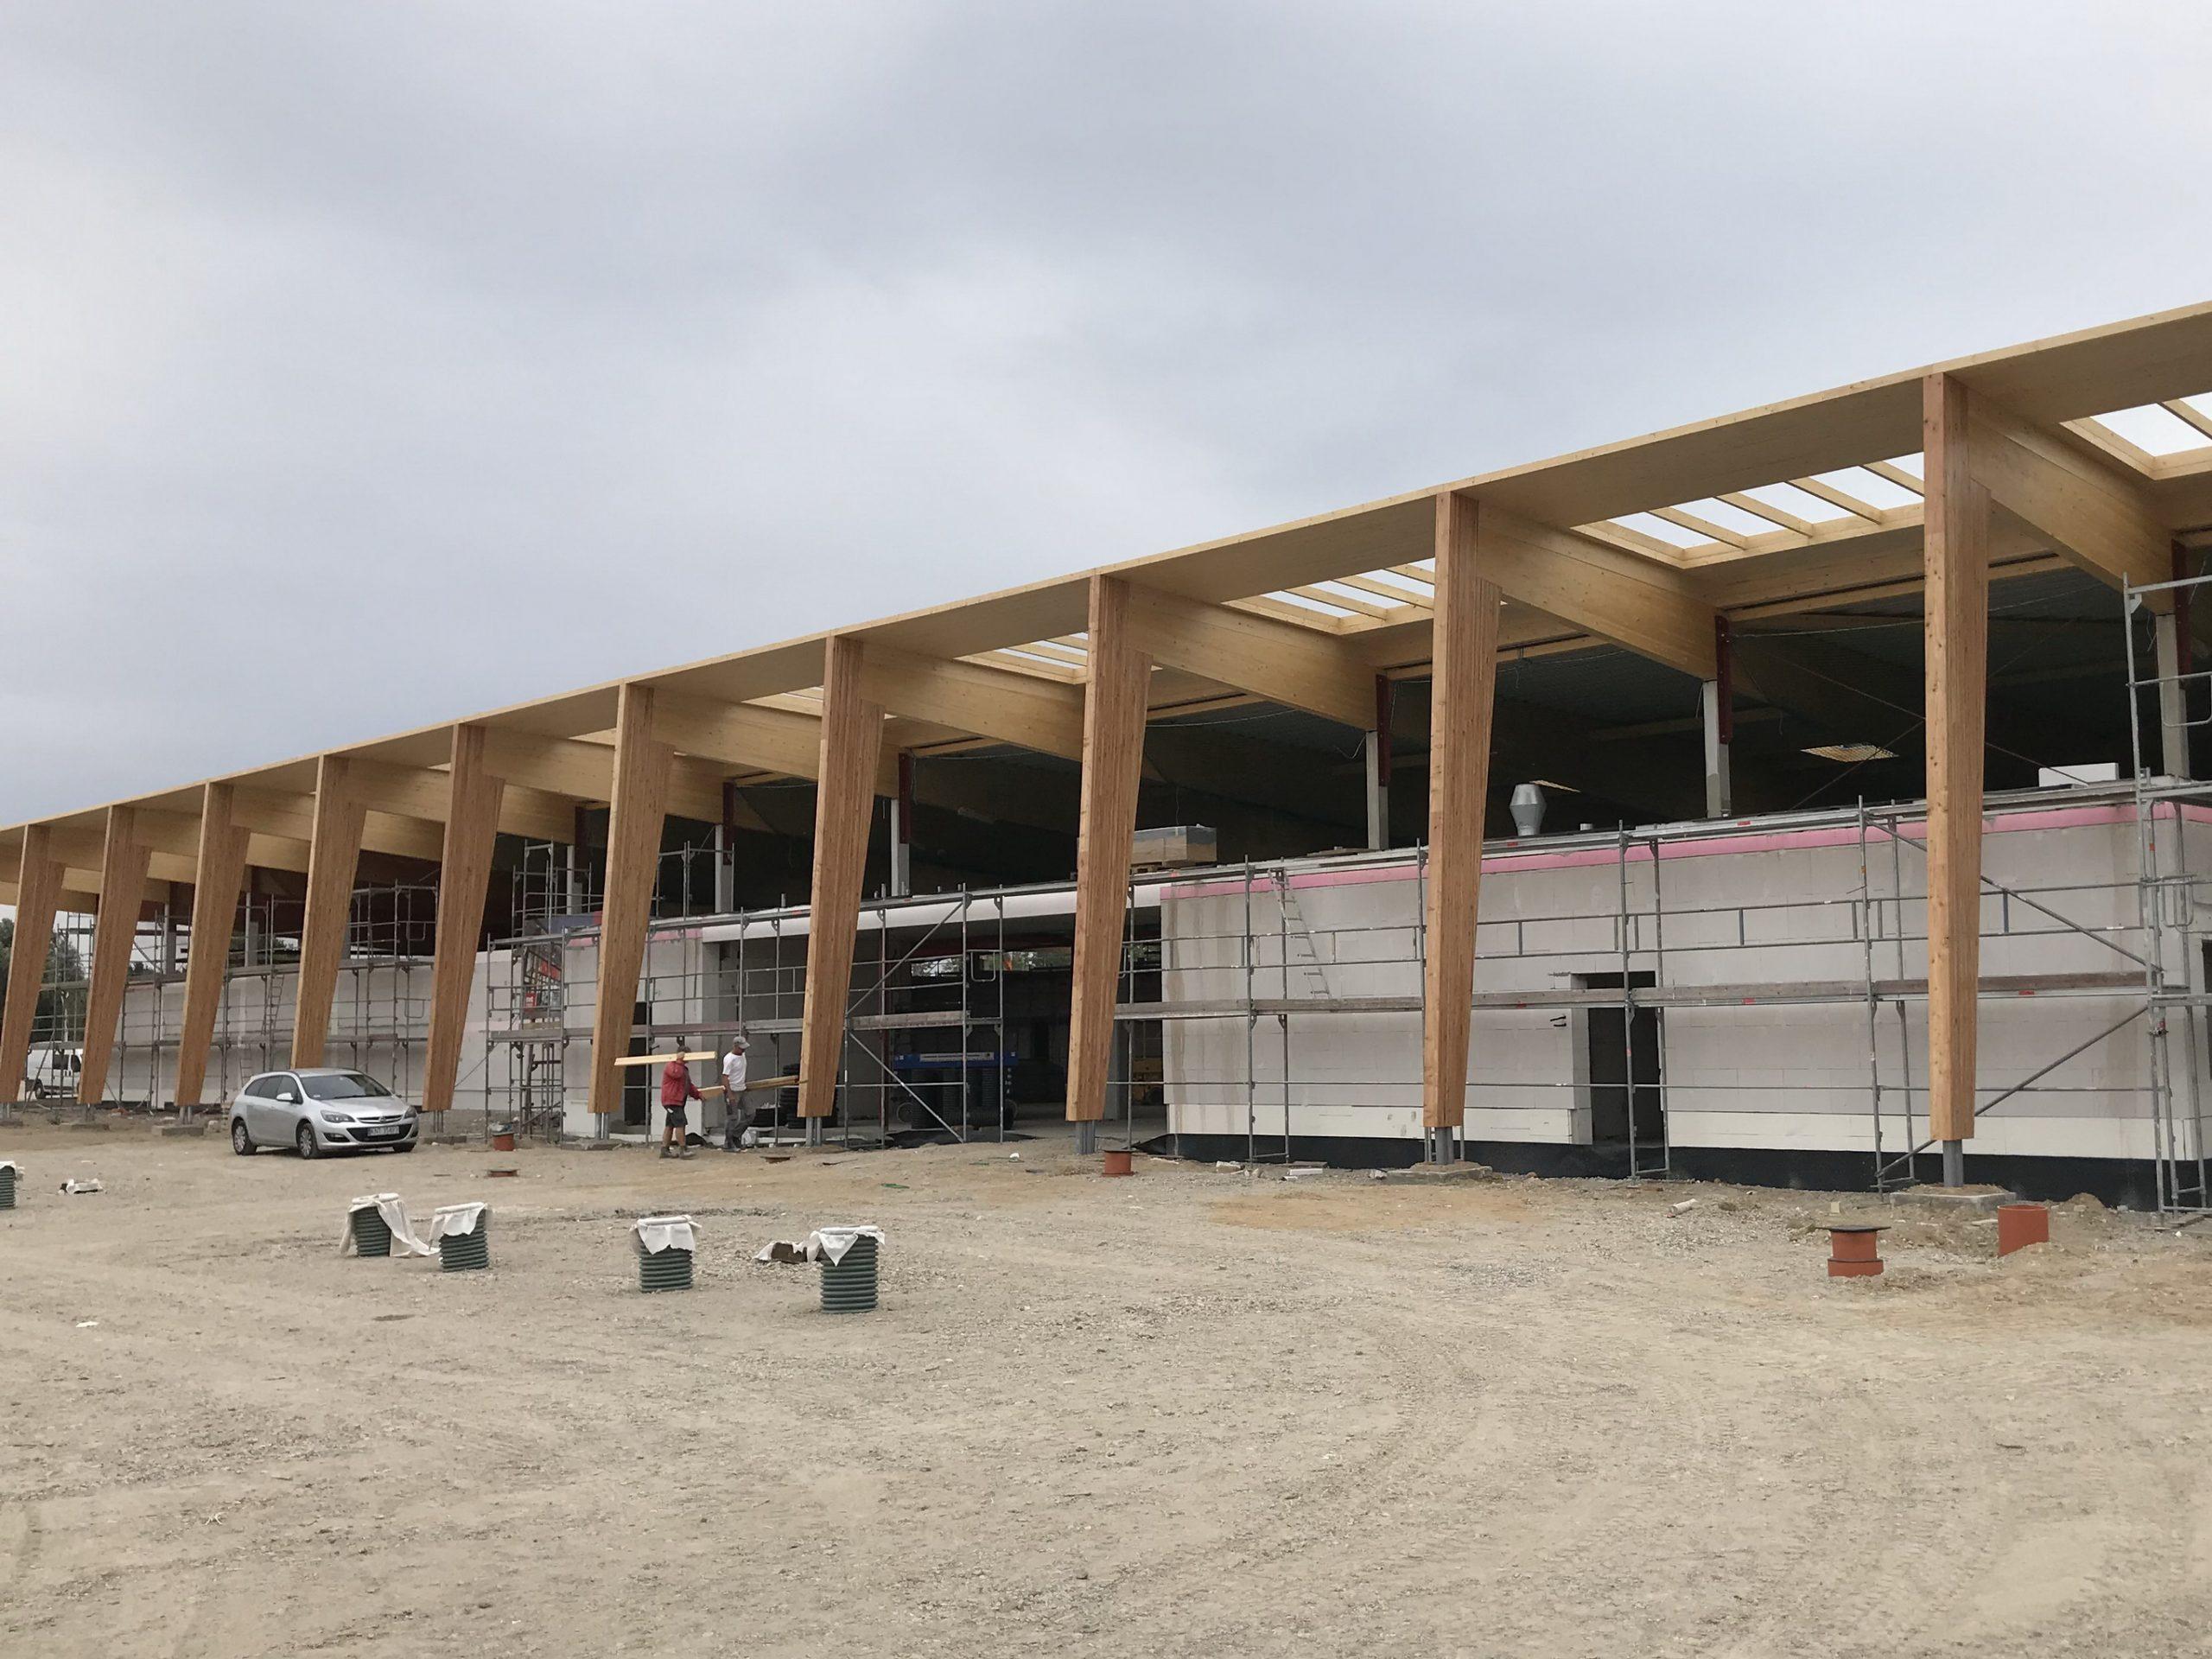 Fischbauchbinder Verbrauchermarkt Lebensmittelmarkt BSH- Dachkonstruktion Green Building DGNB